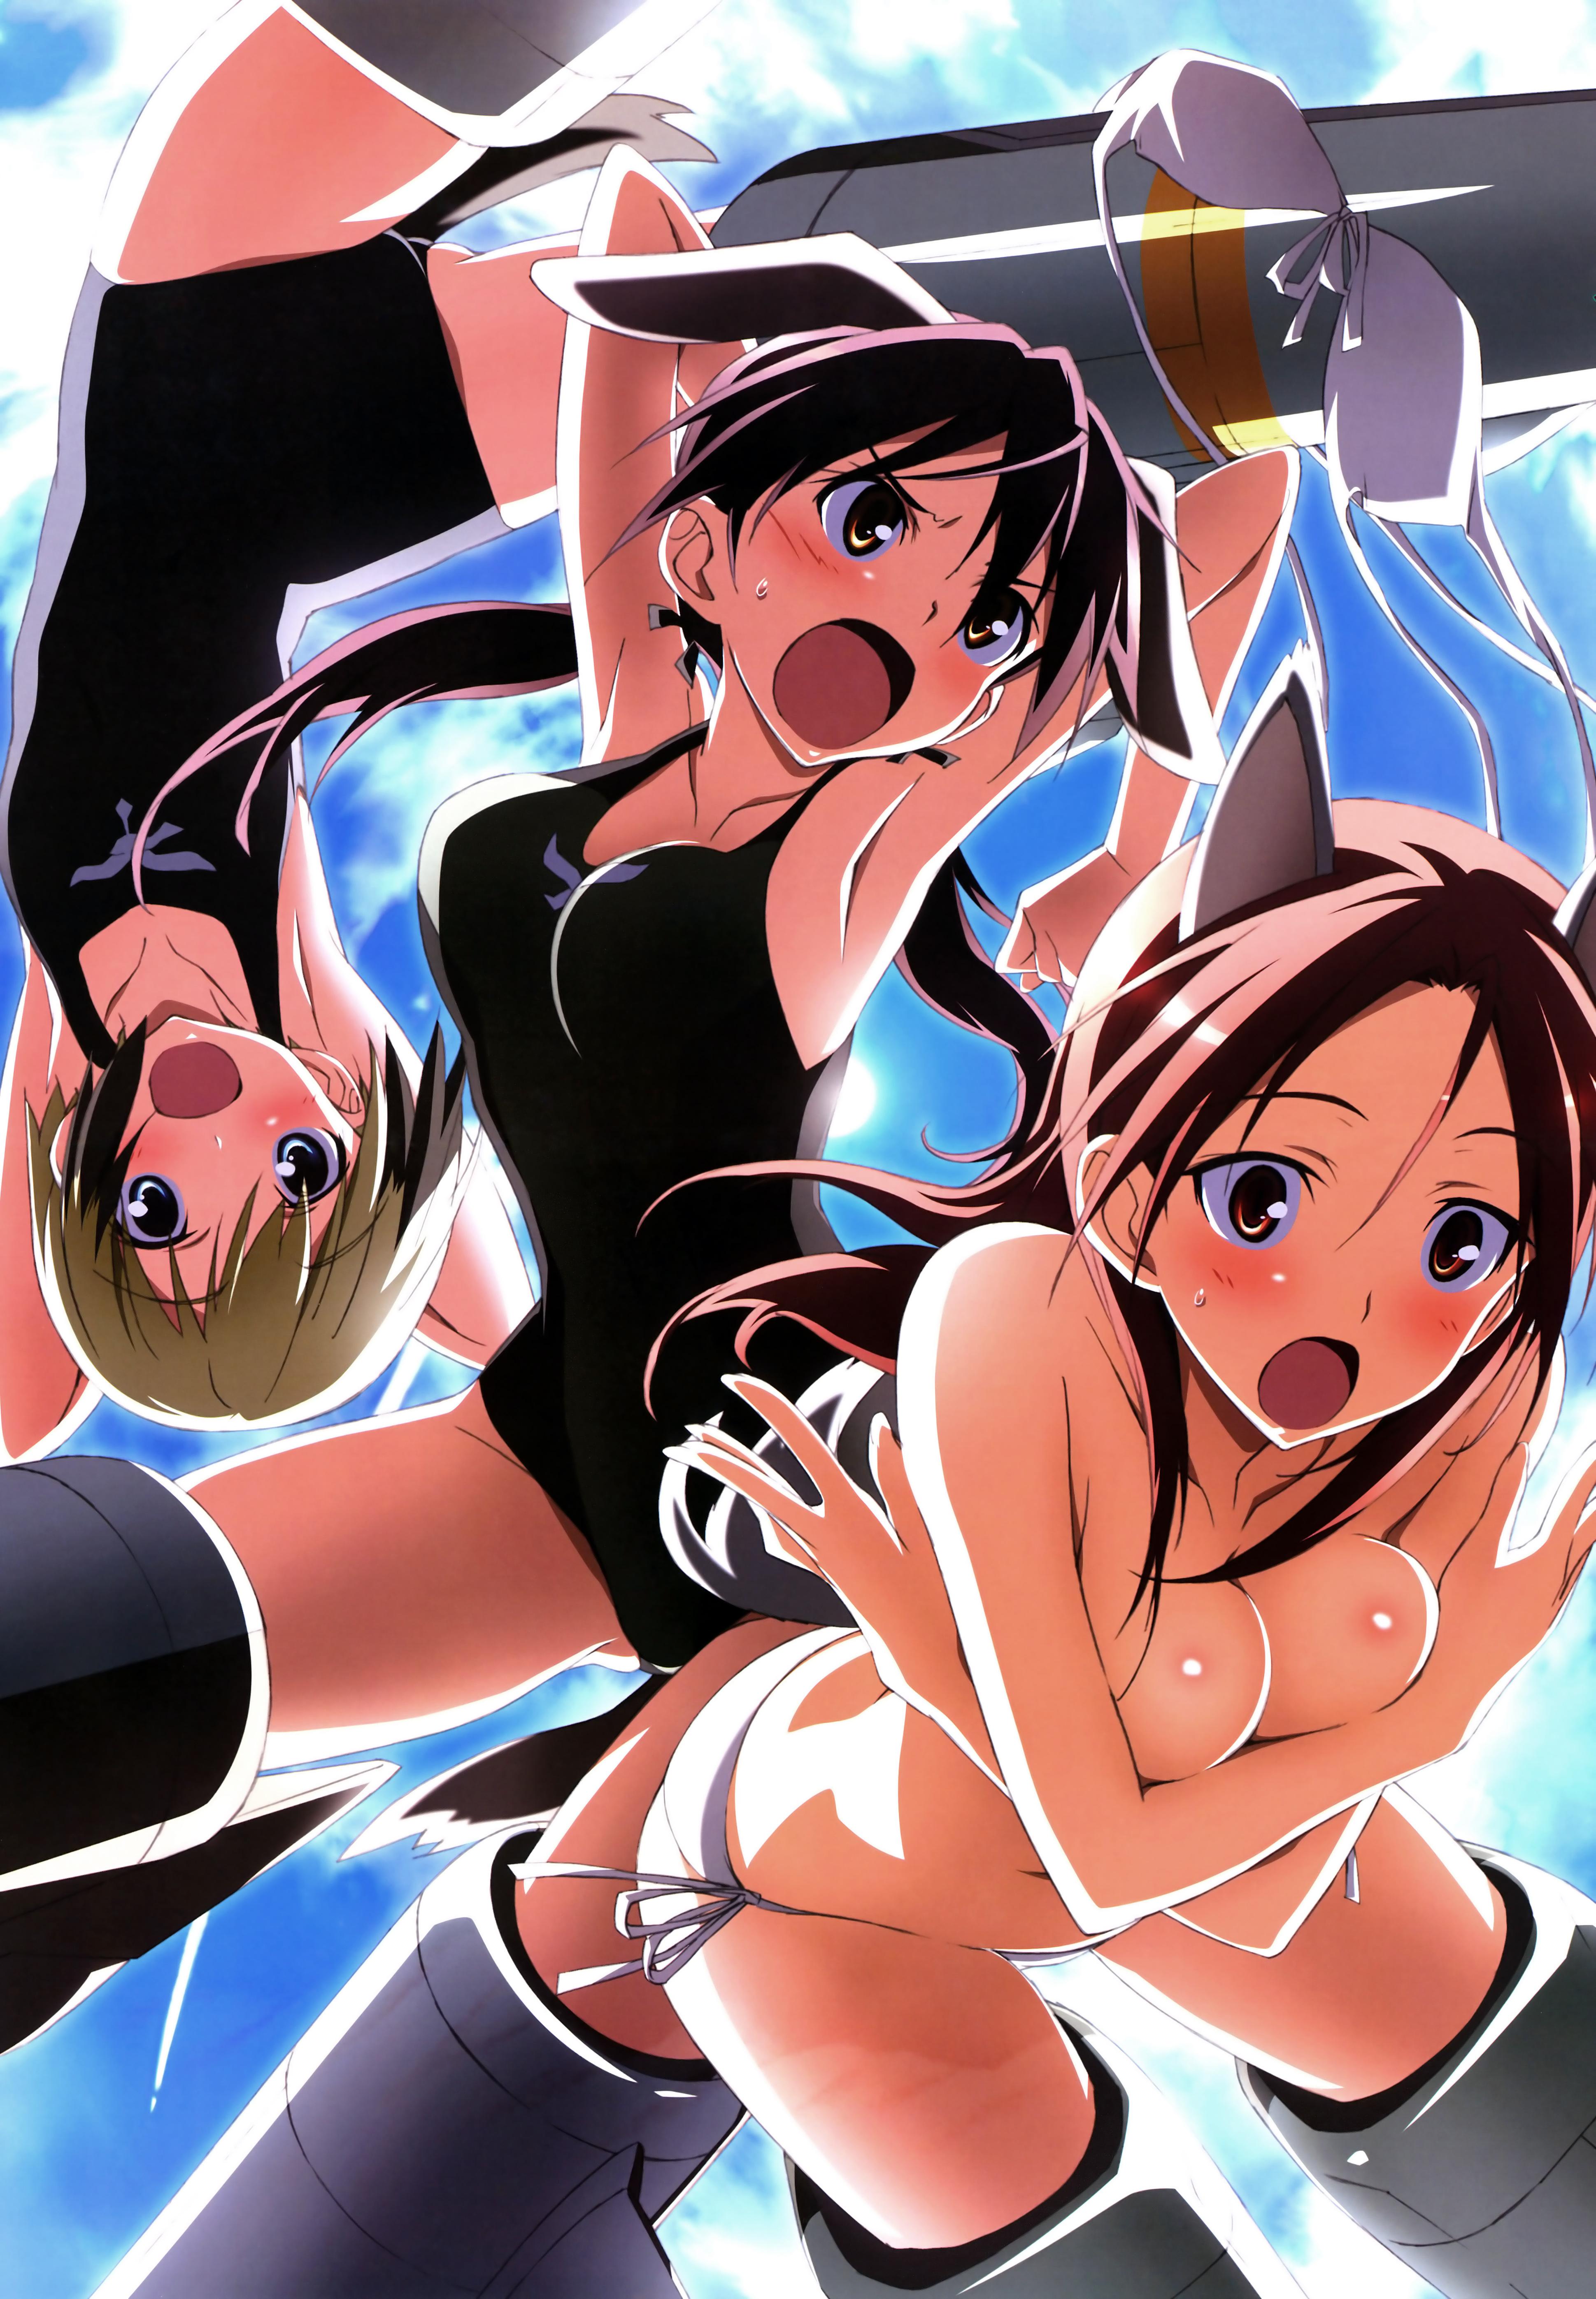 Anime Cute Girl Bikini 44